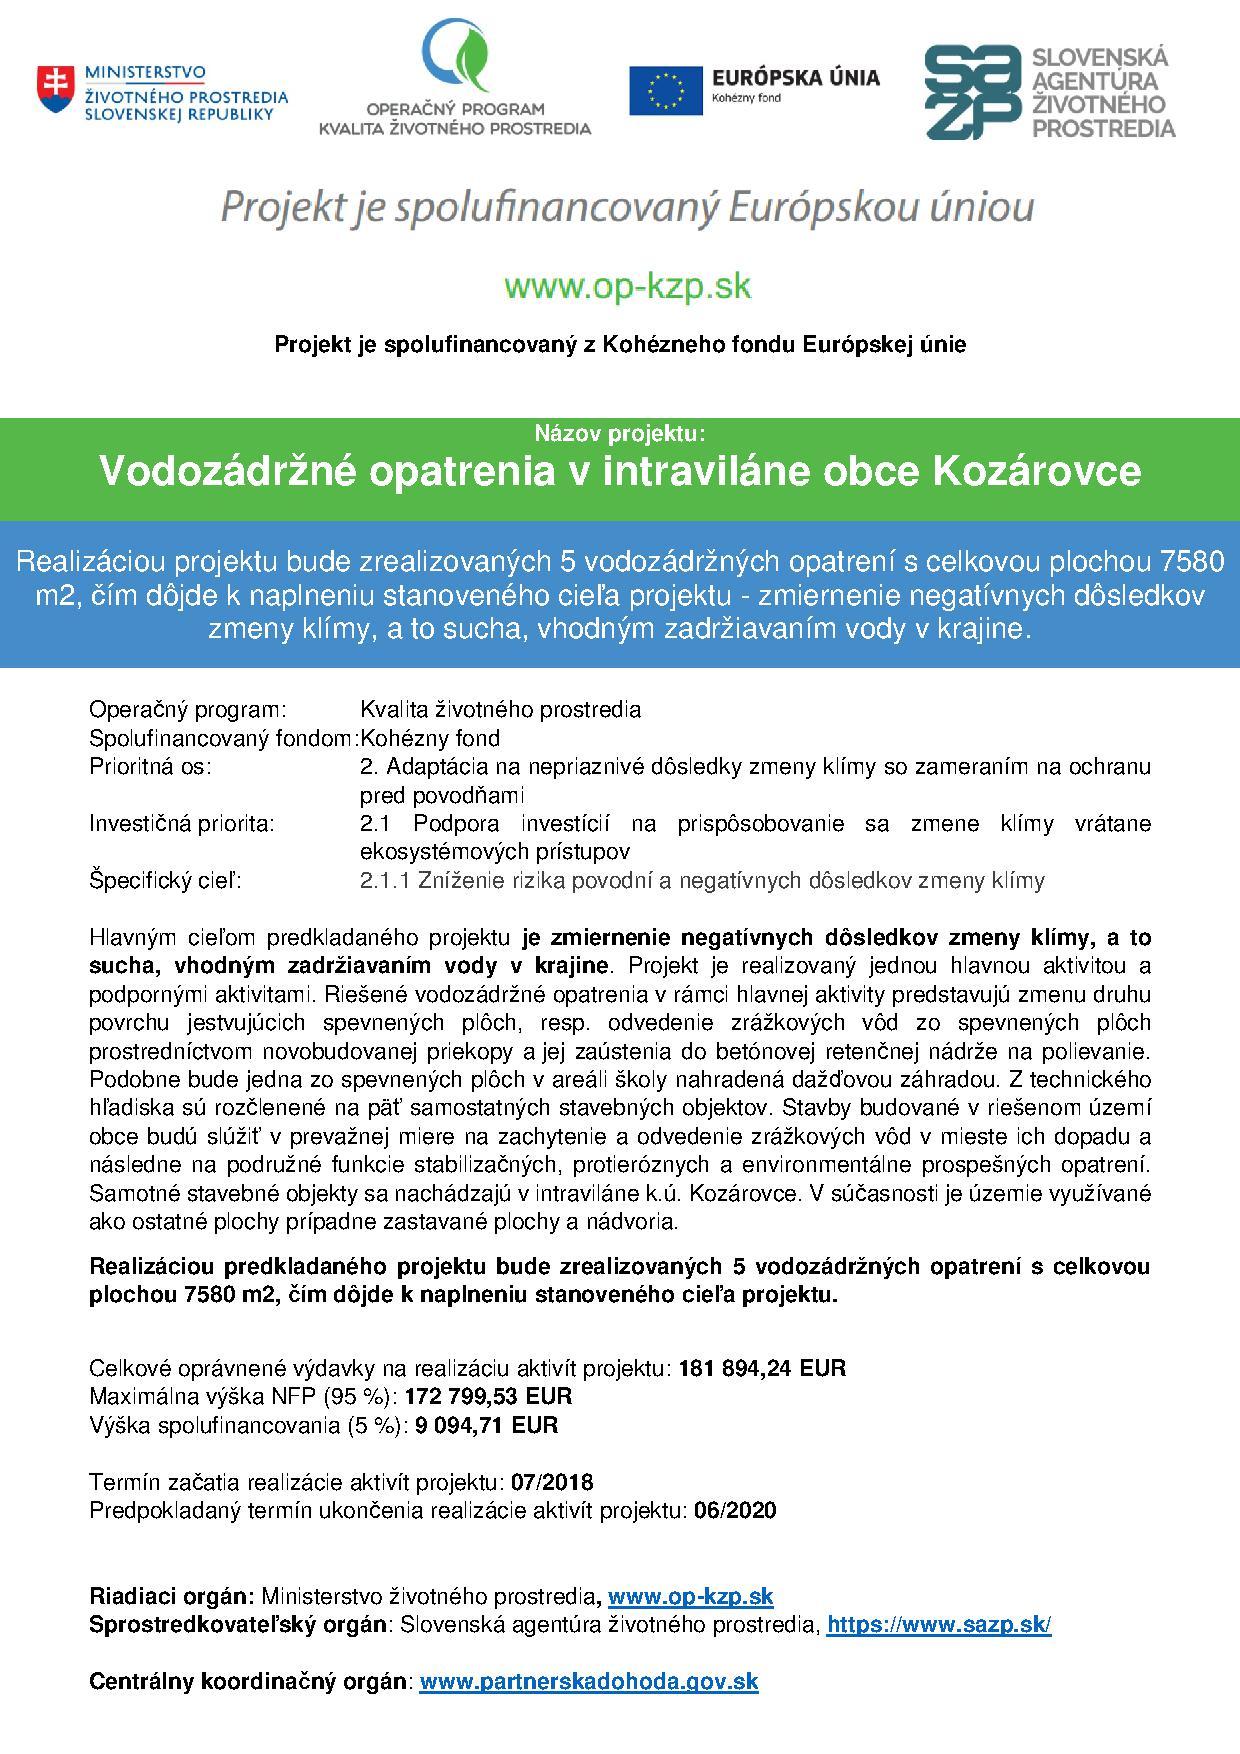 info_na_web_kozarovce_Vodozadrzne_opatrenia